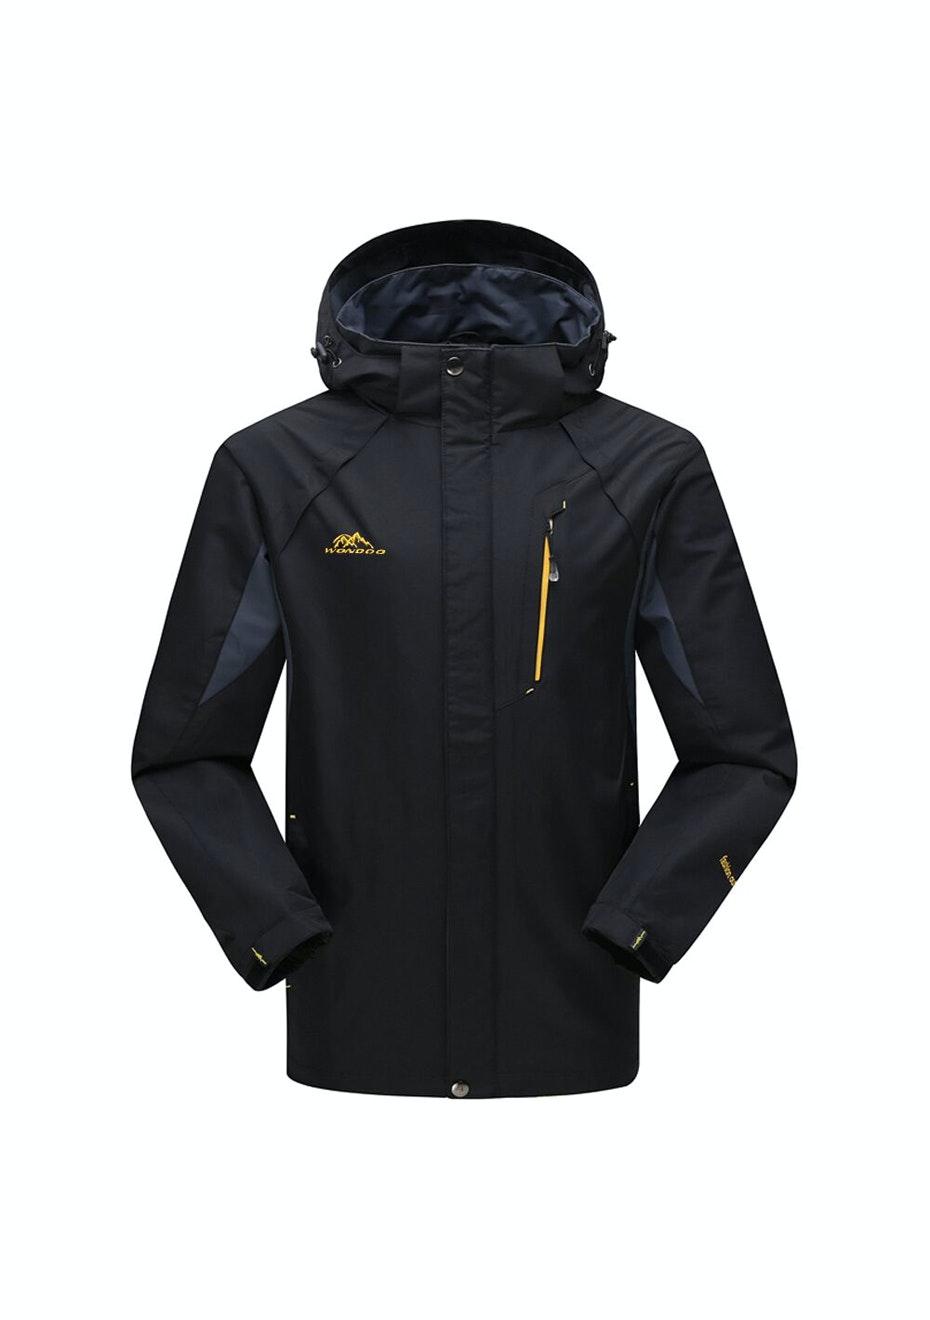 Men 2-in-1 WaterProof Jackets - Black / Grey